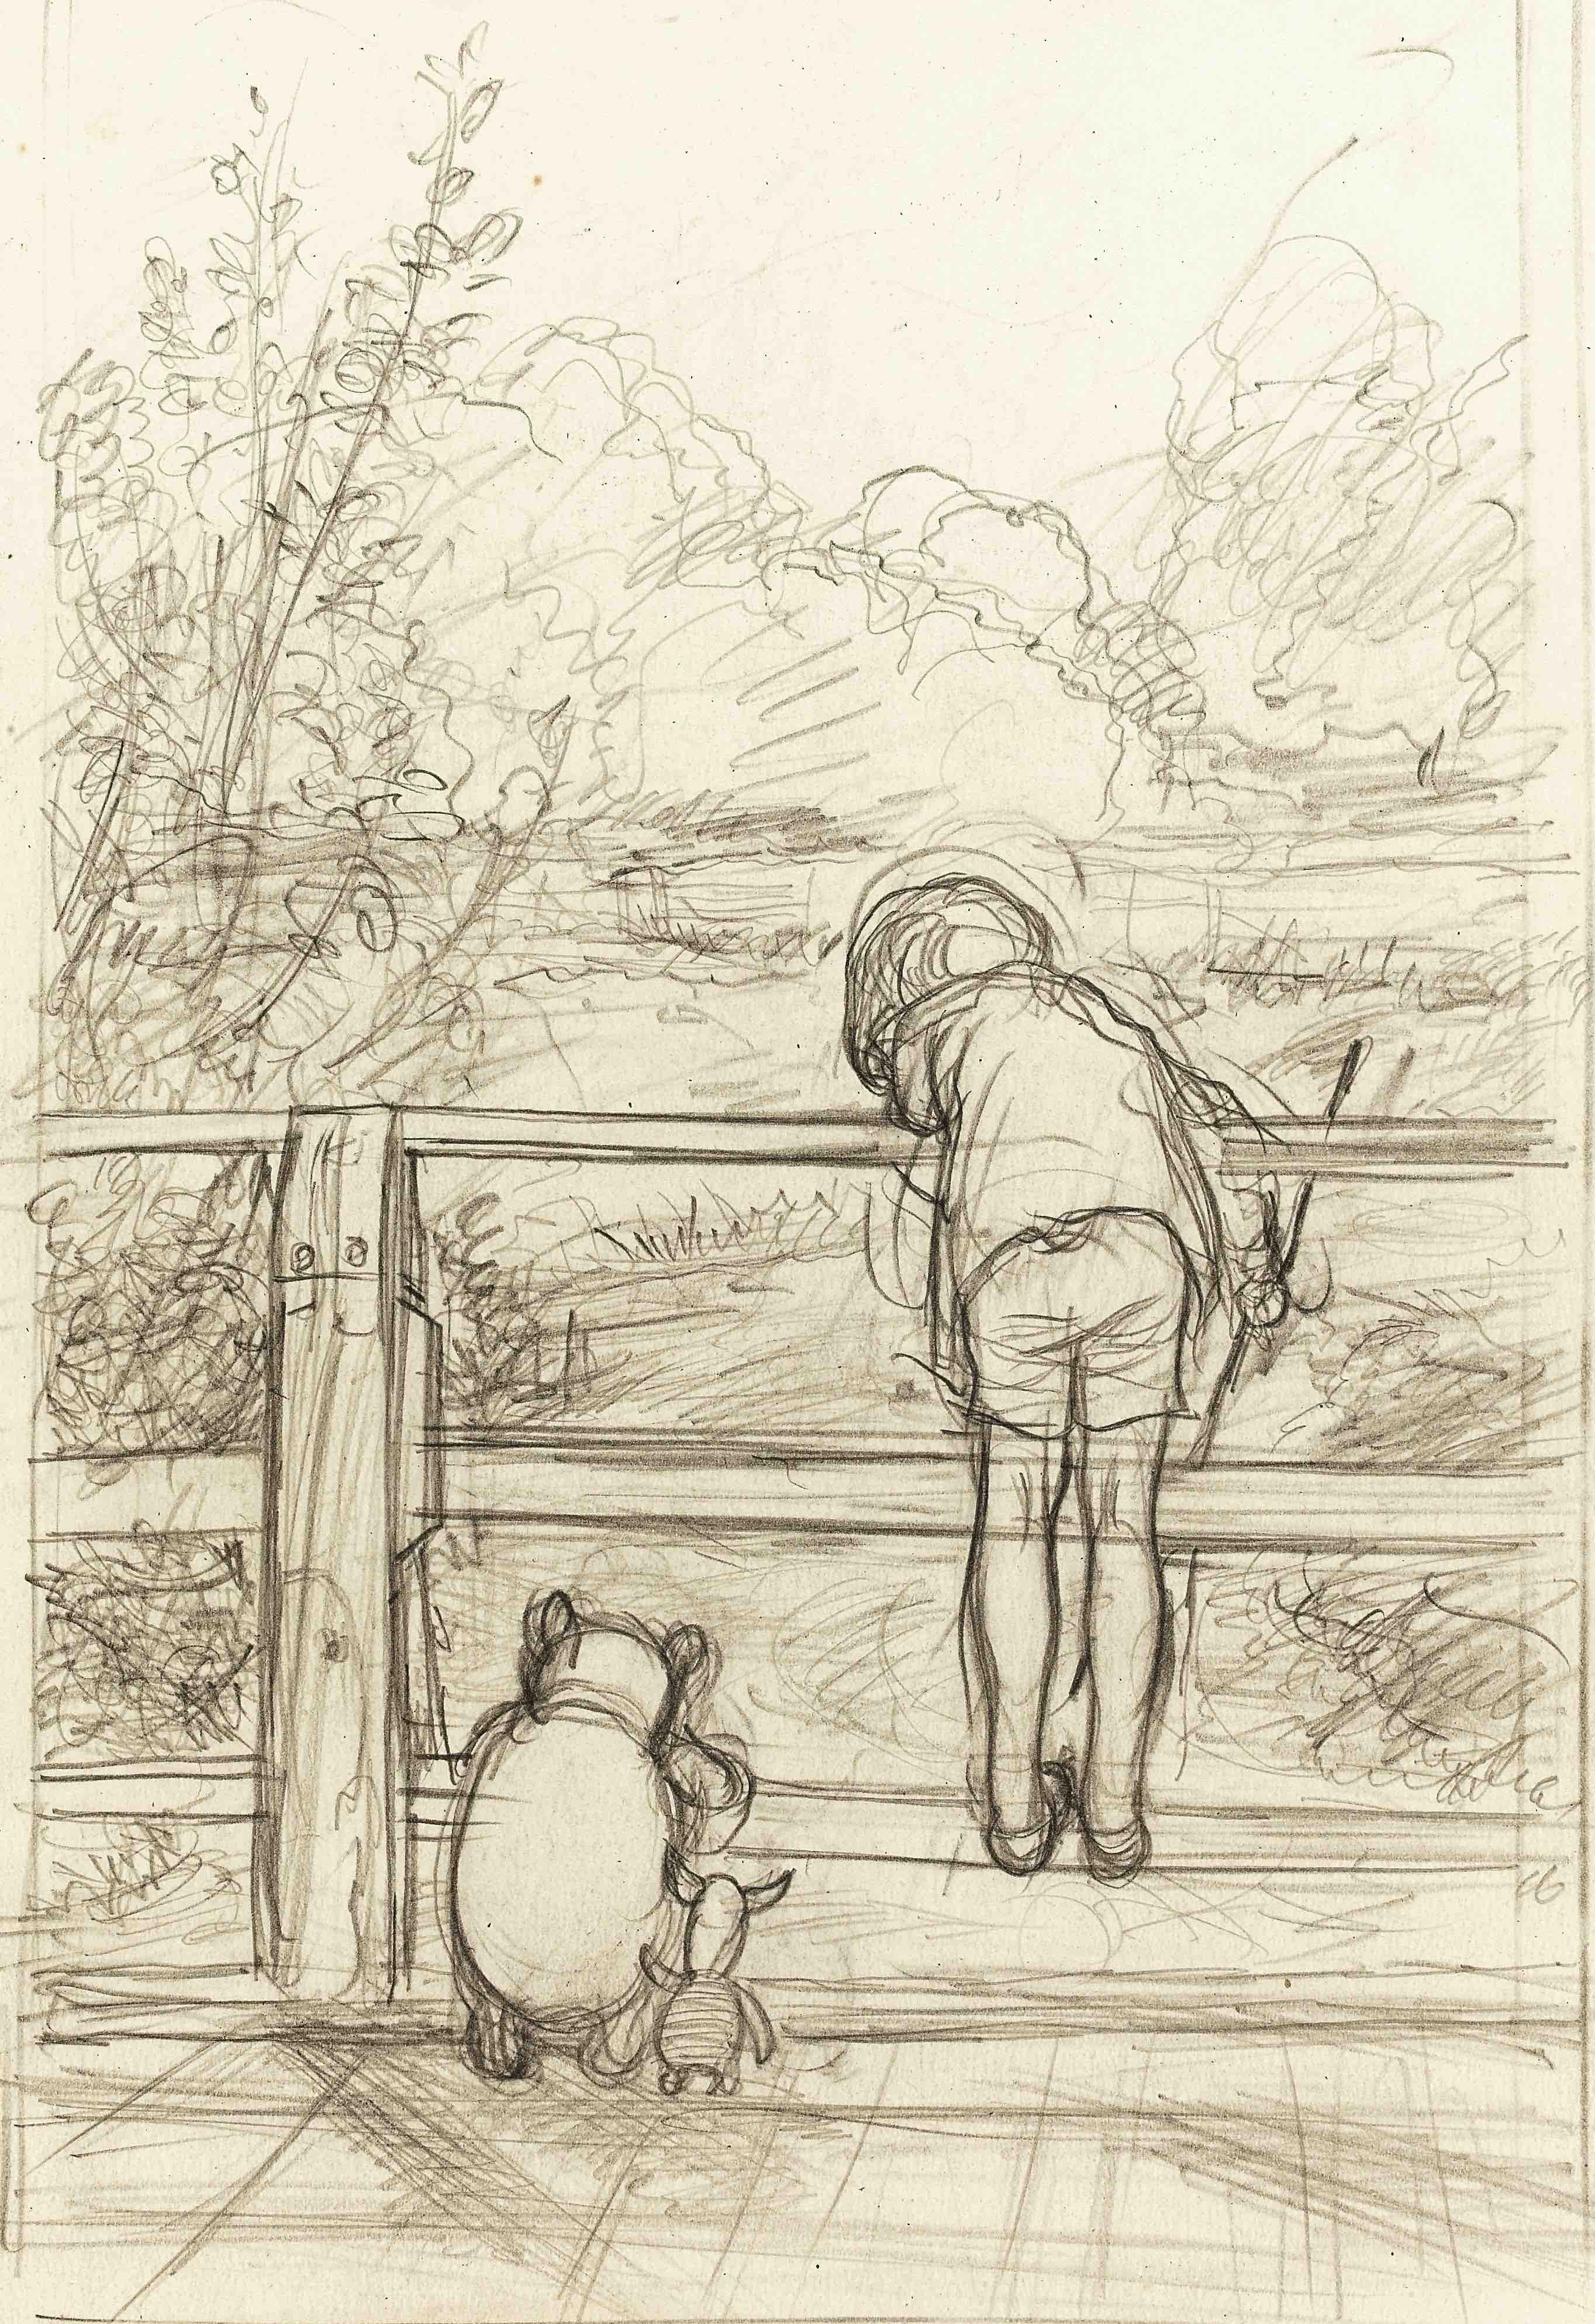 「ながいあいだ、三人はだまって、下を流れてゆく川をながめていました」、『プー横丁にたった家』第6章、E.H.シェパード、鉛筆画、1928年、 ジェームス・デュボース・コレクション © The Shepard Trust